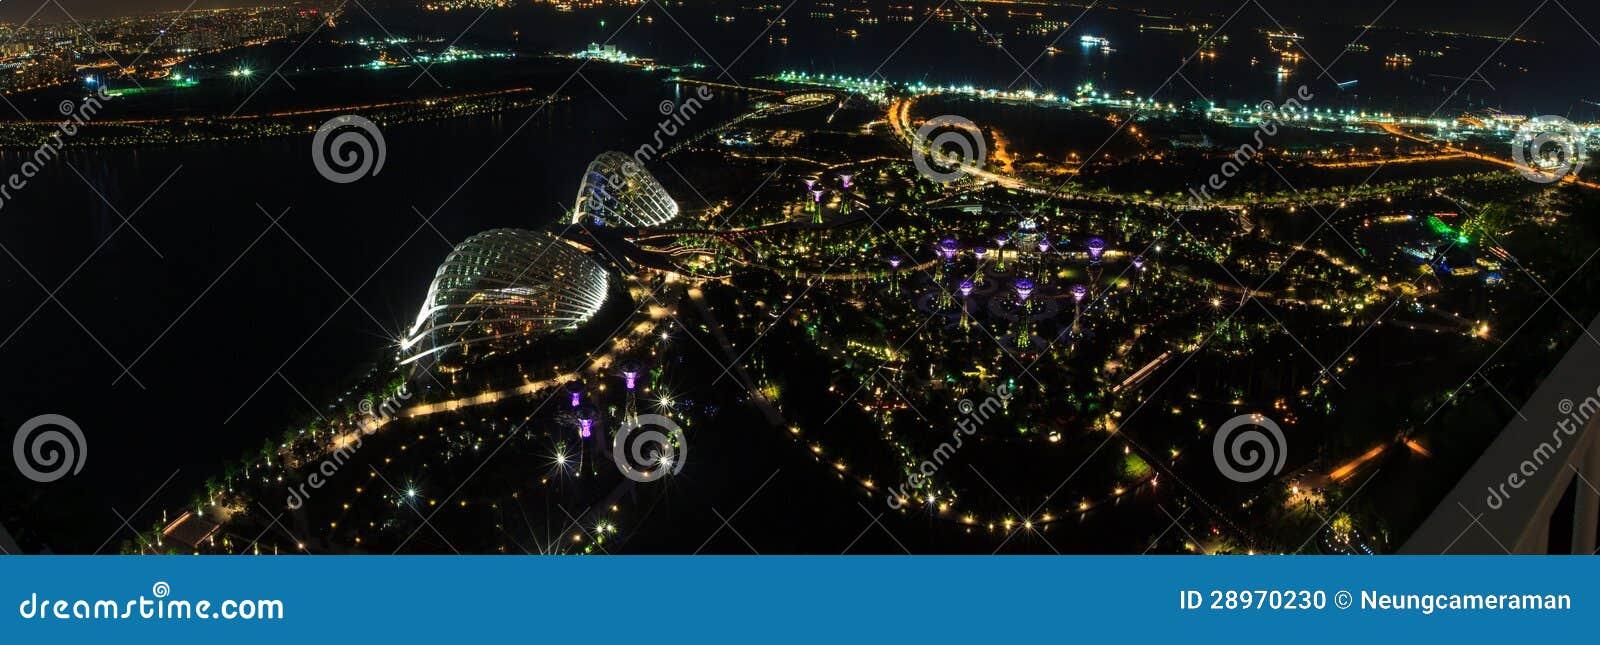 Panoramy nocy widok Singapur.